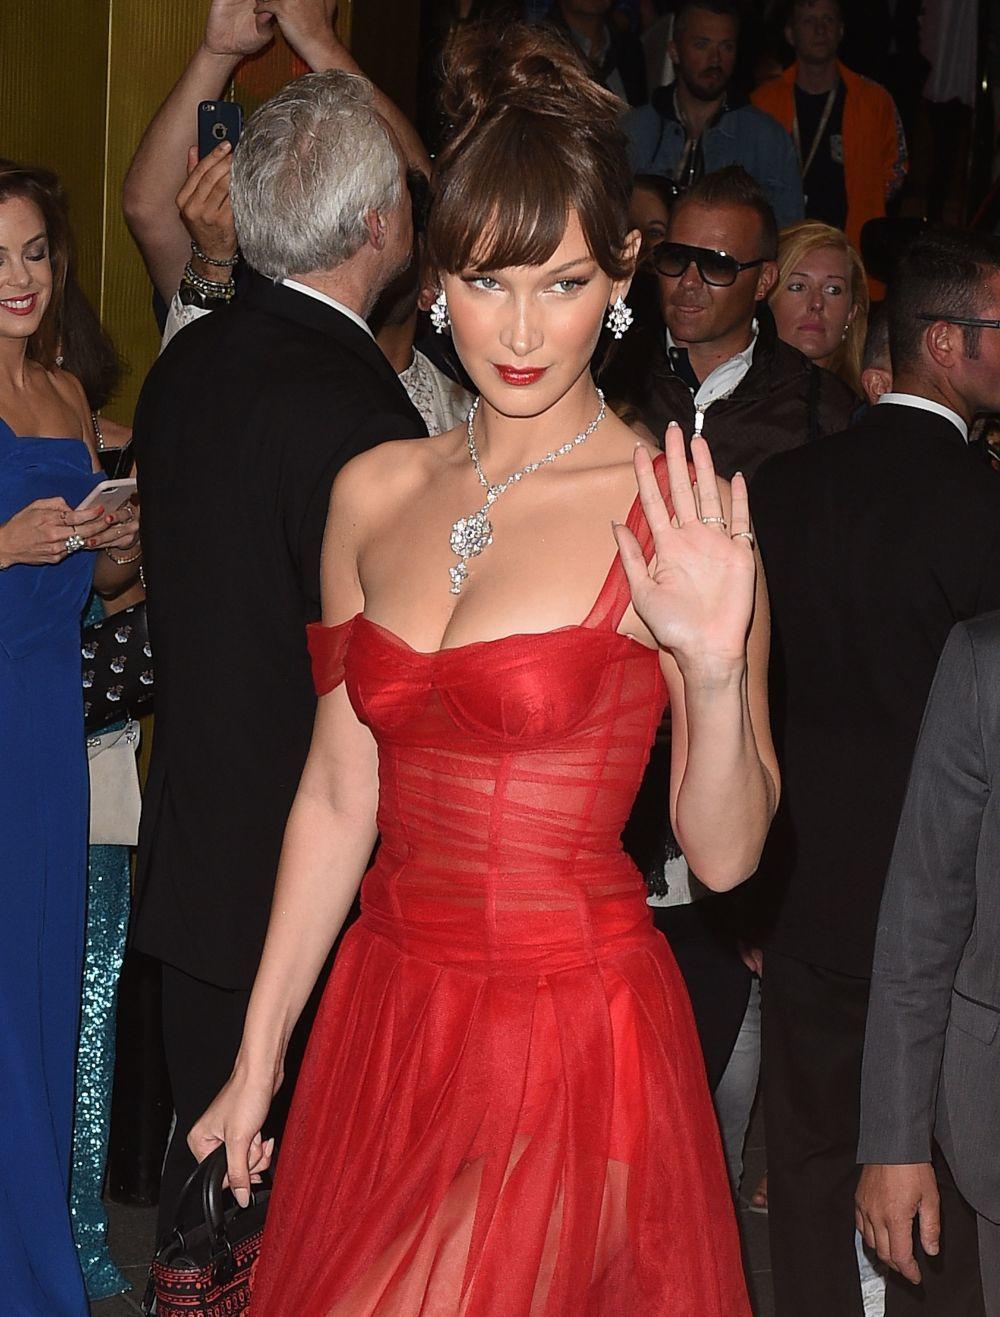 Bella Hadid de piel clara y ojos claros, luciendo Dior Addict Lacquer...